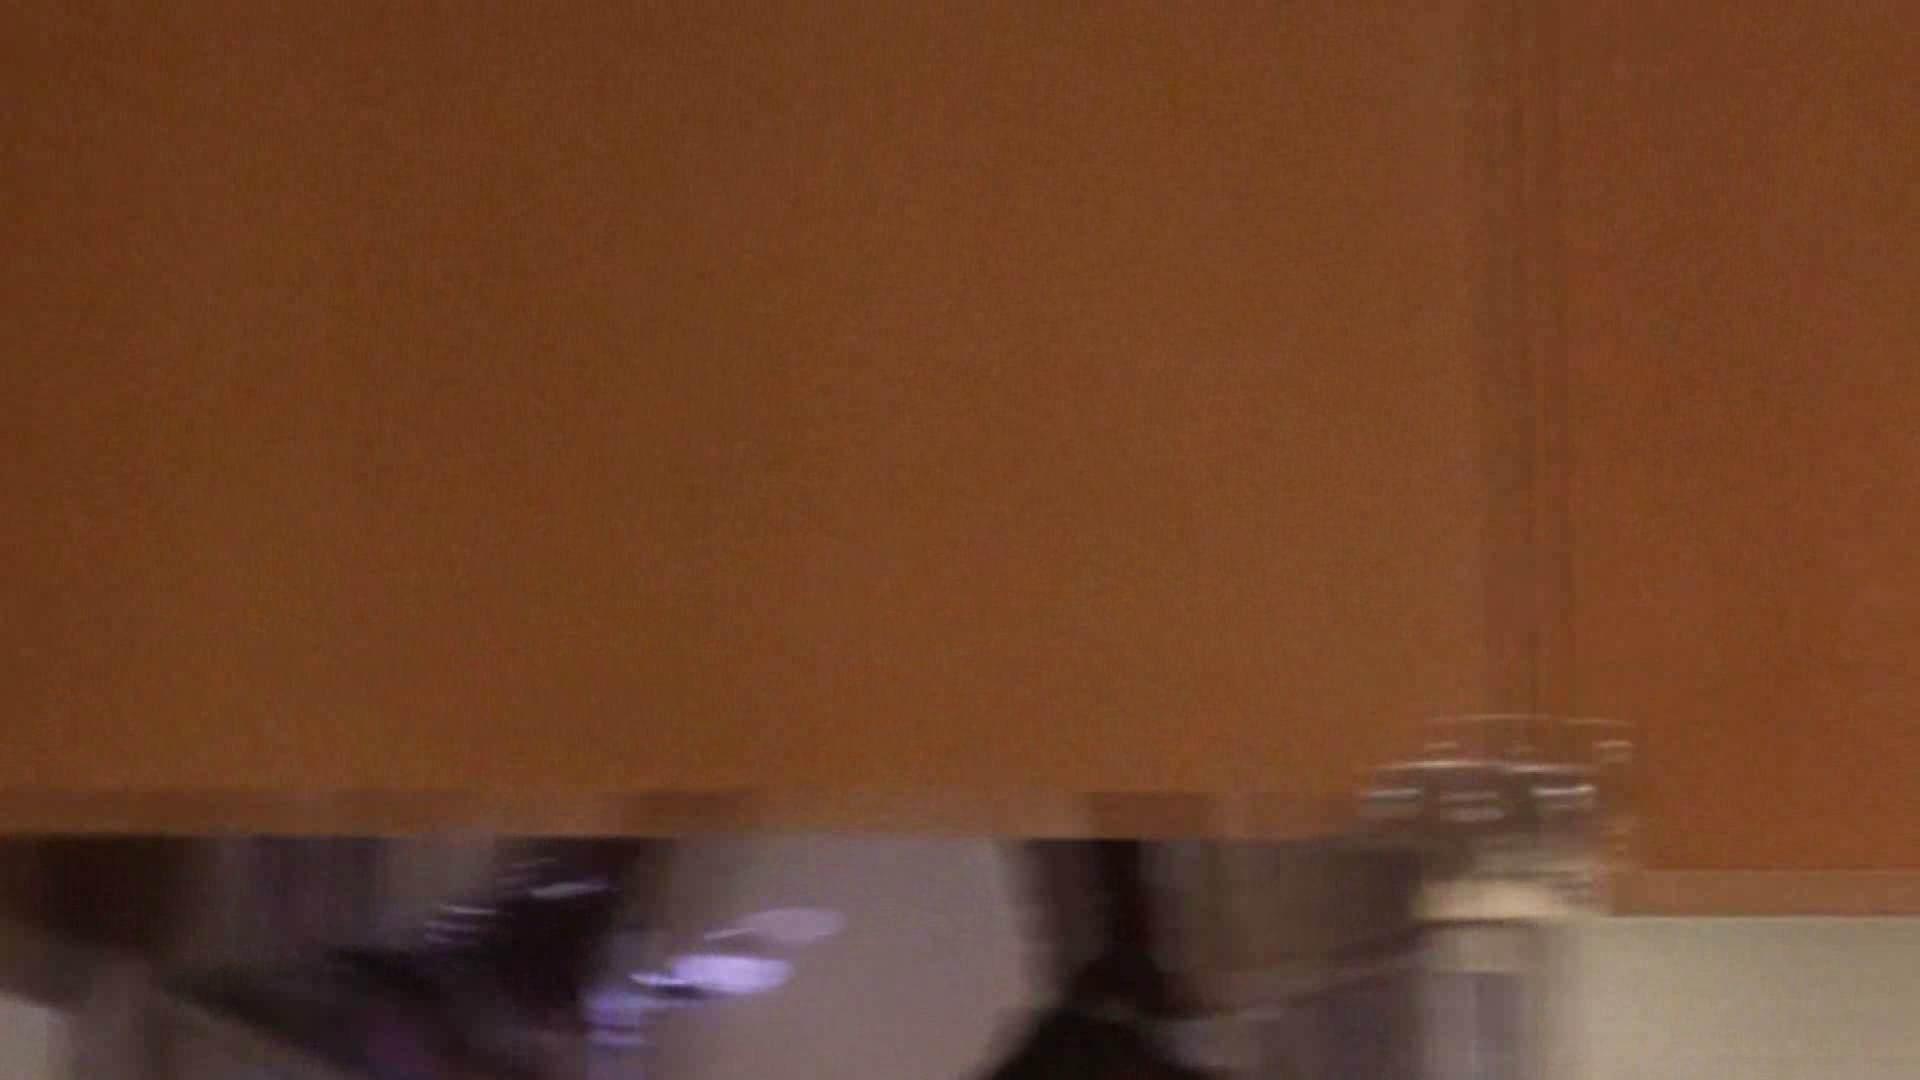 「噂」の国の厠観察日記2 Vol.01 人気シリーズ えろ無修正画像 102pic 74